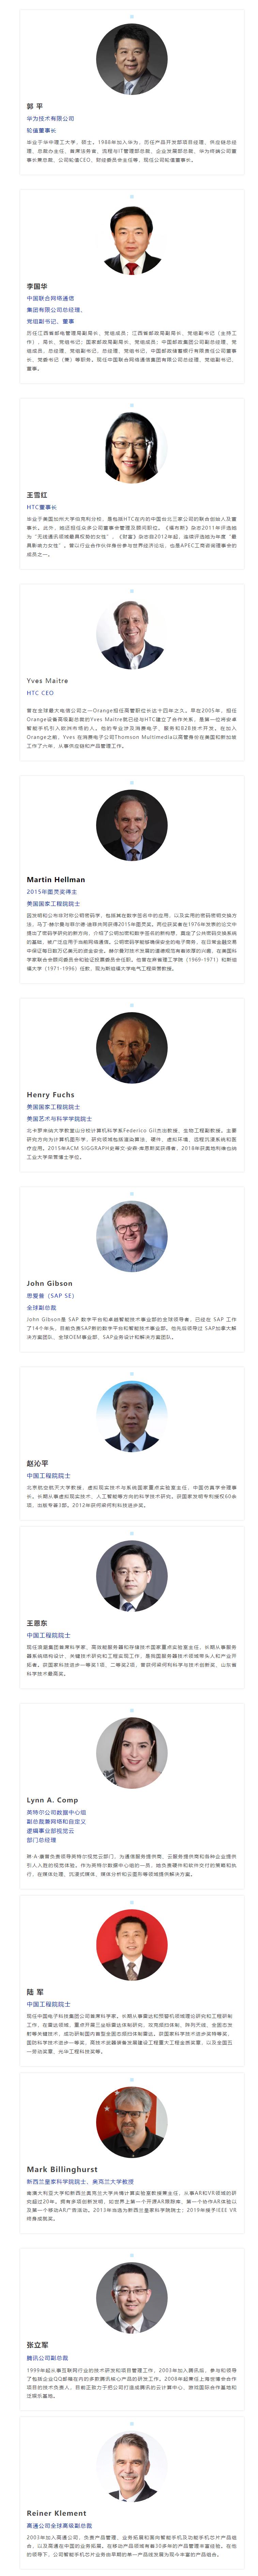 重磅-_-郭平、李国华、王雪红等业界大咖将出席2019世界VR产业大会_01.jpg